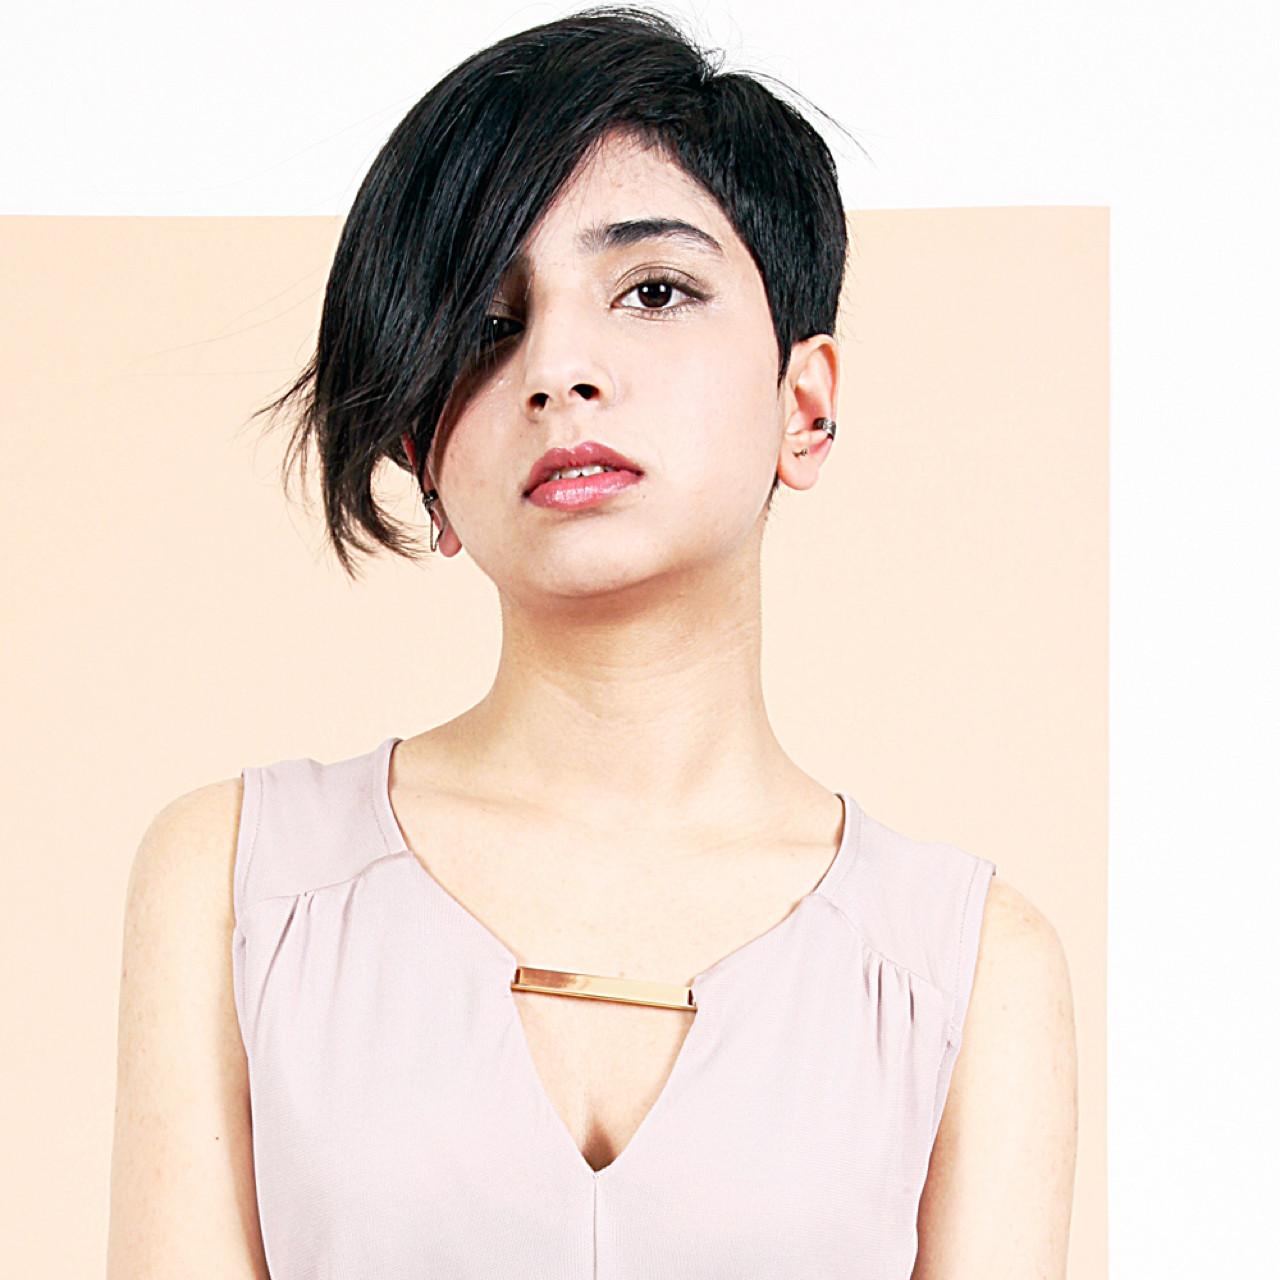 黒髪 モード ショート 小顔 ヘアスタイルや髪型の写真・画像